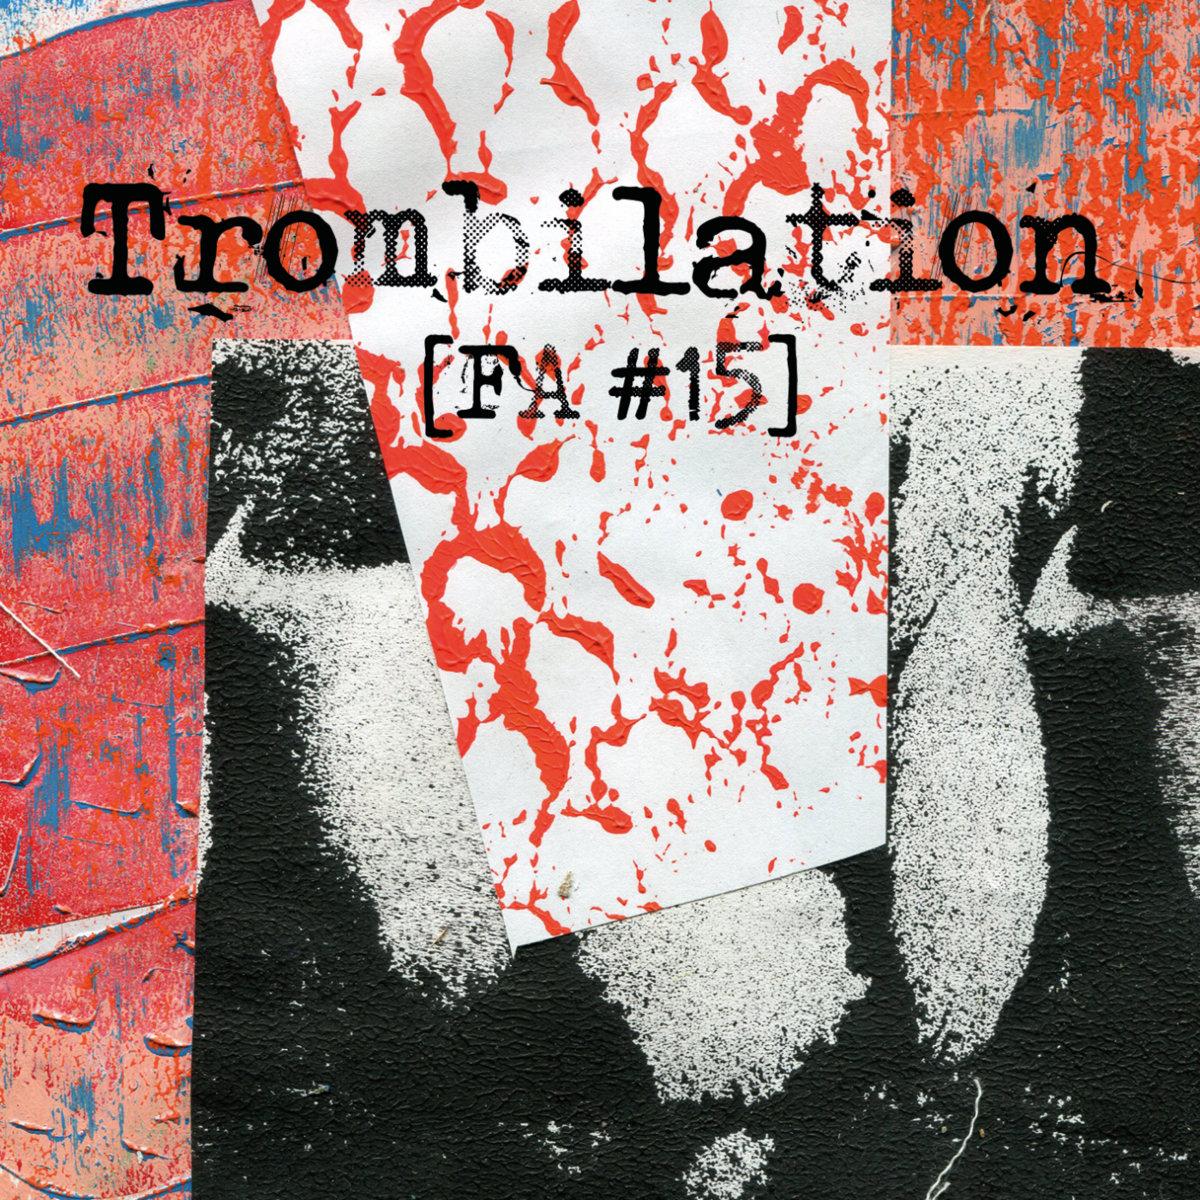 Trombilation